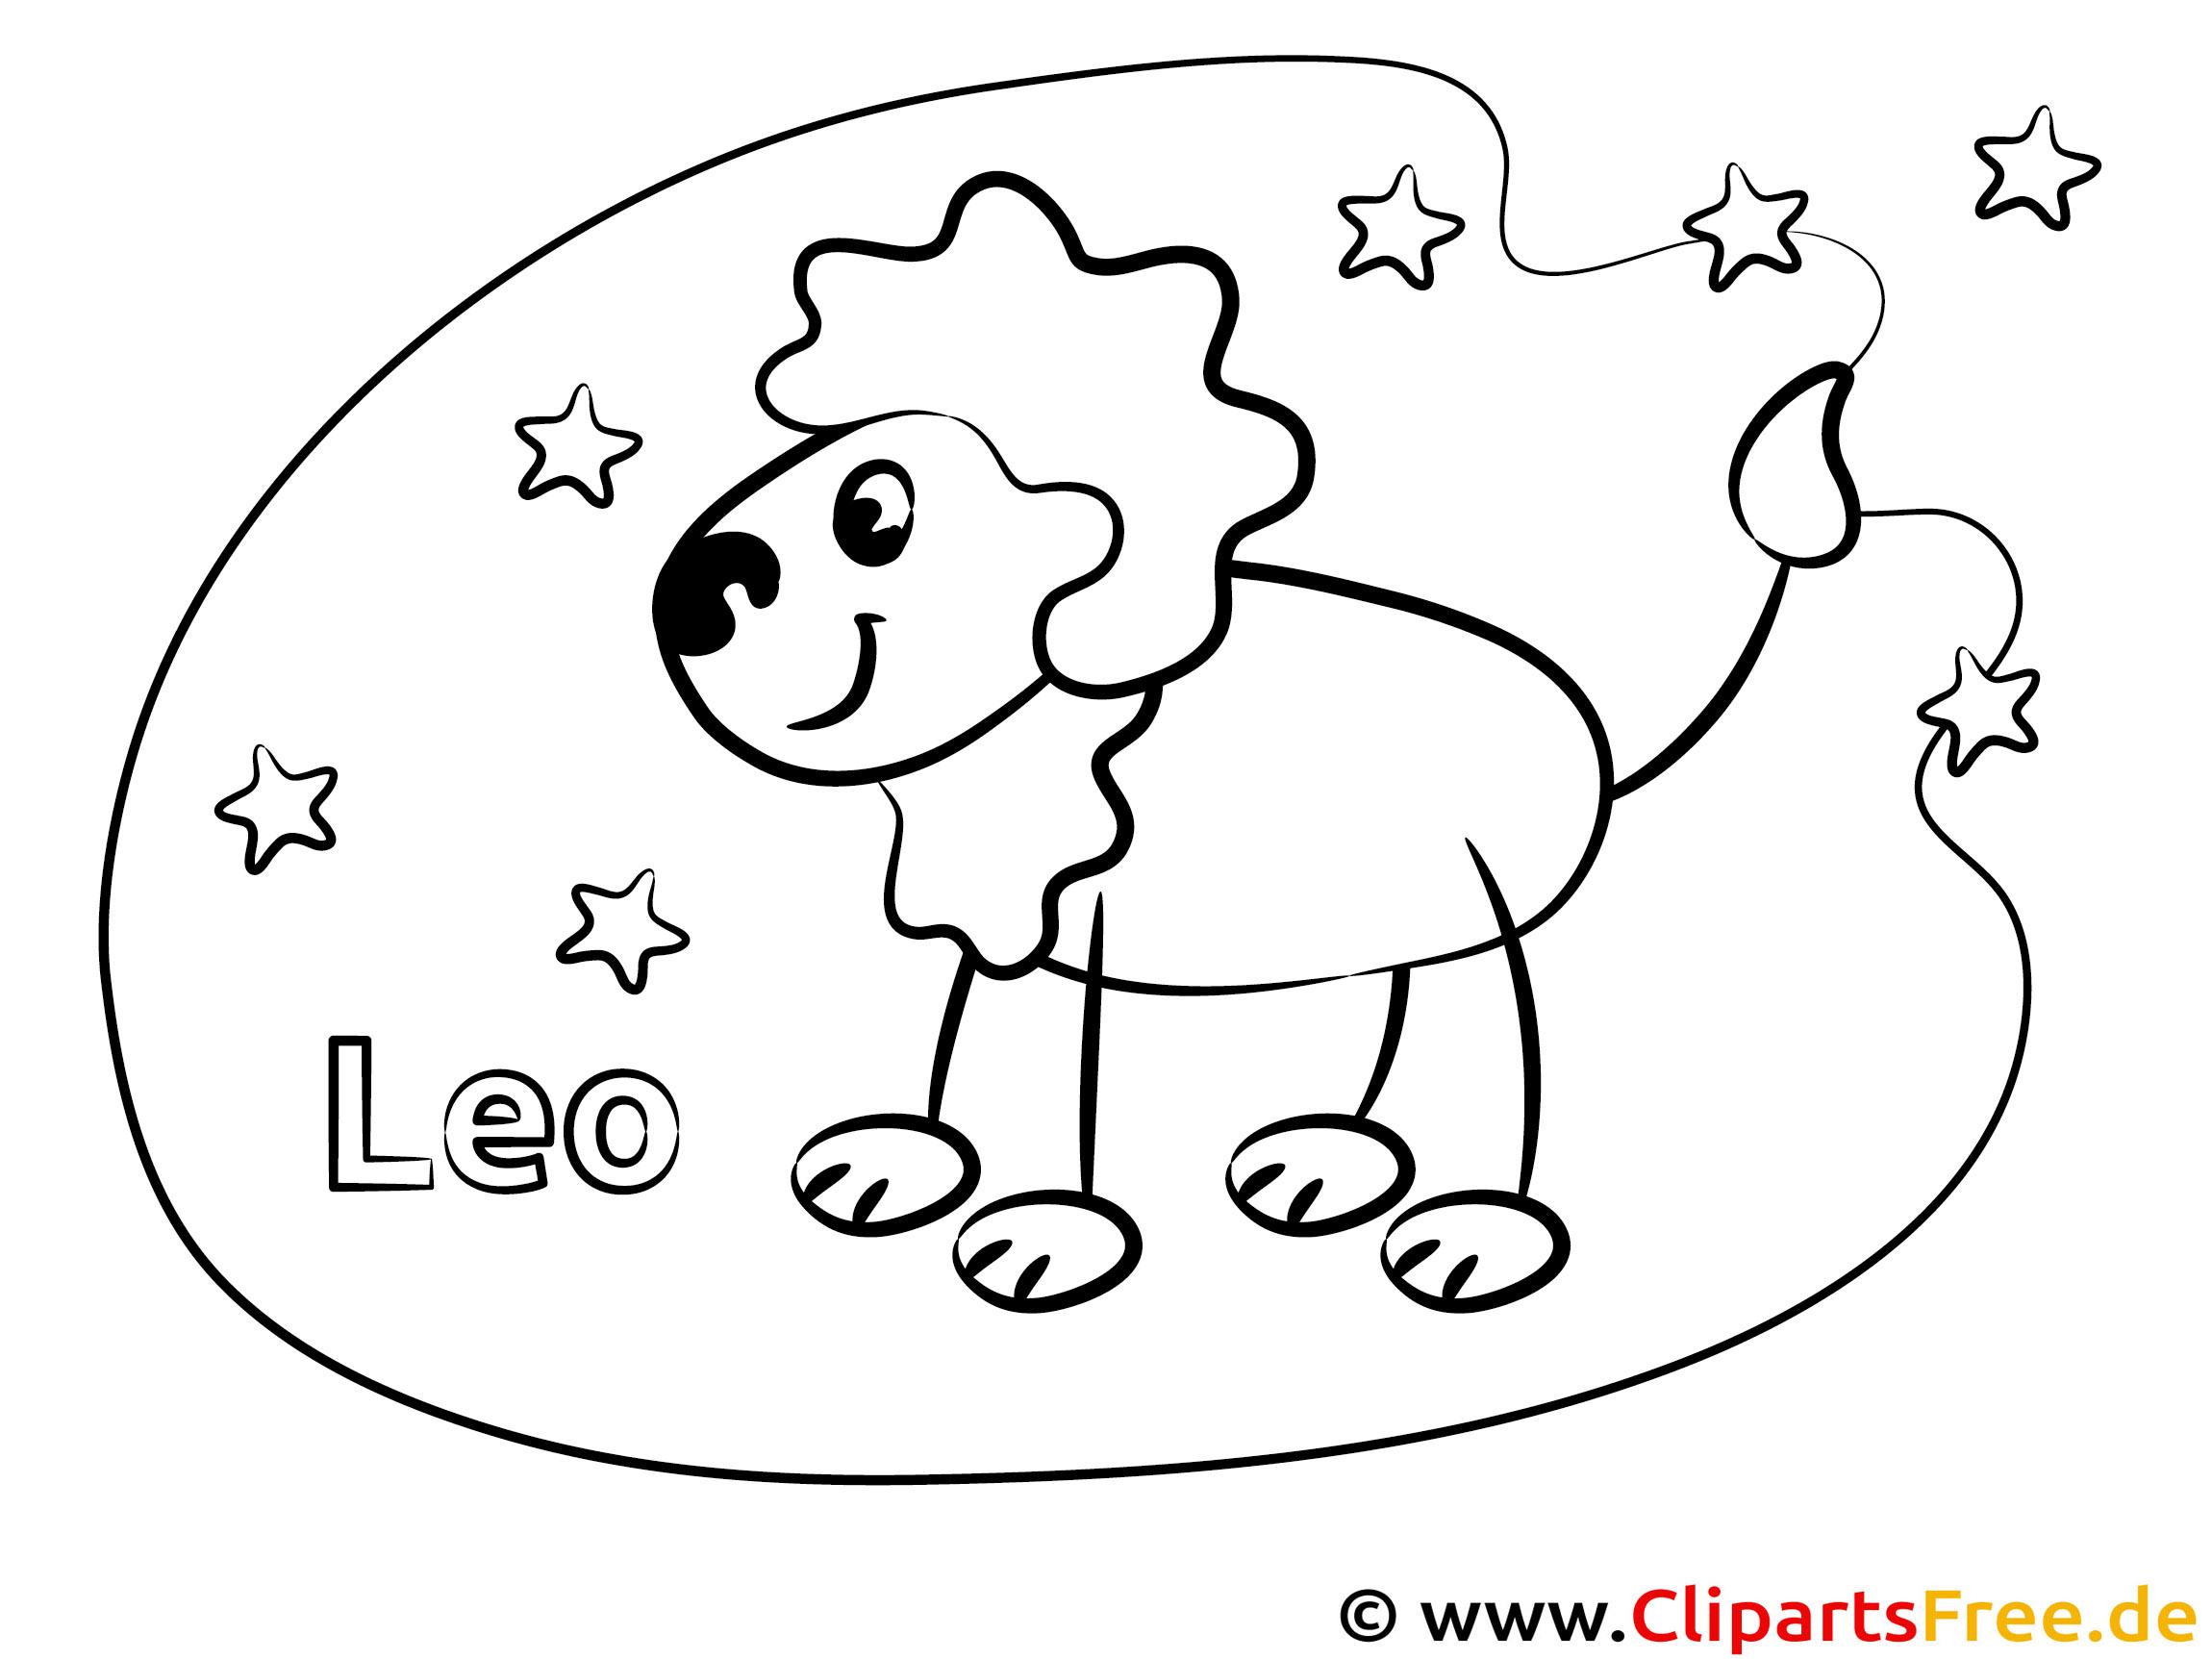 Löwe Sternzeichen Bilder zum Ausmalen